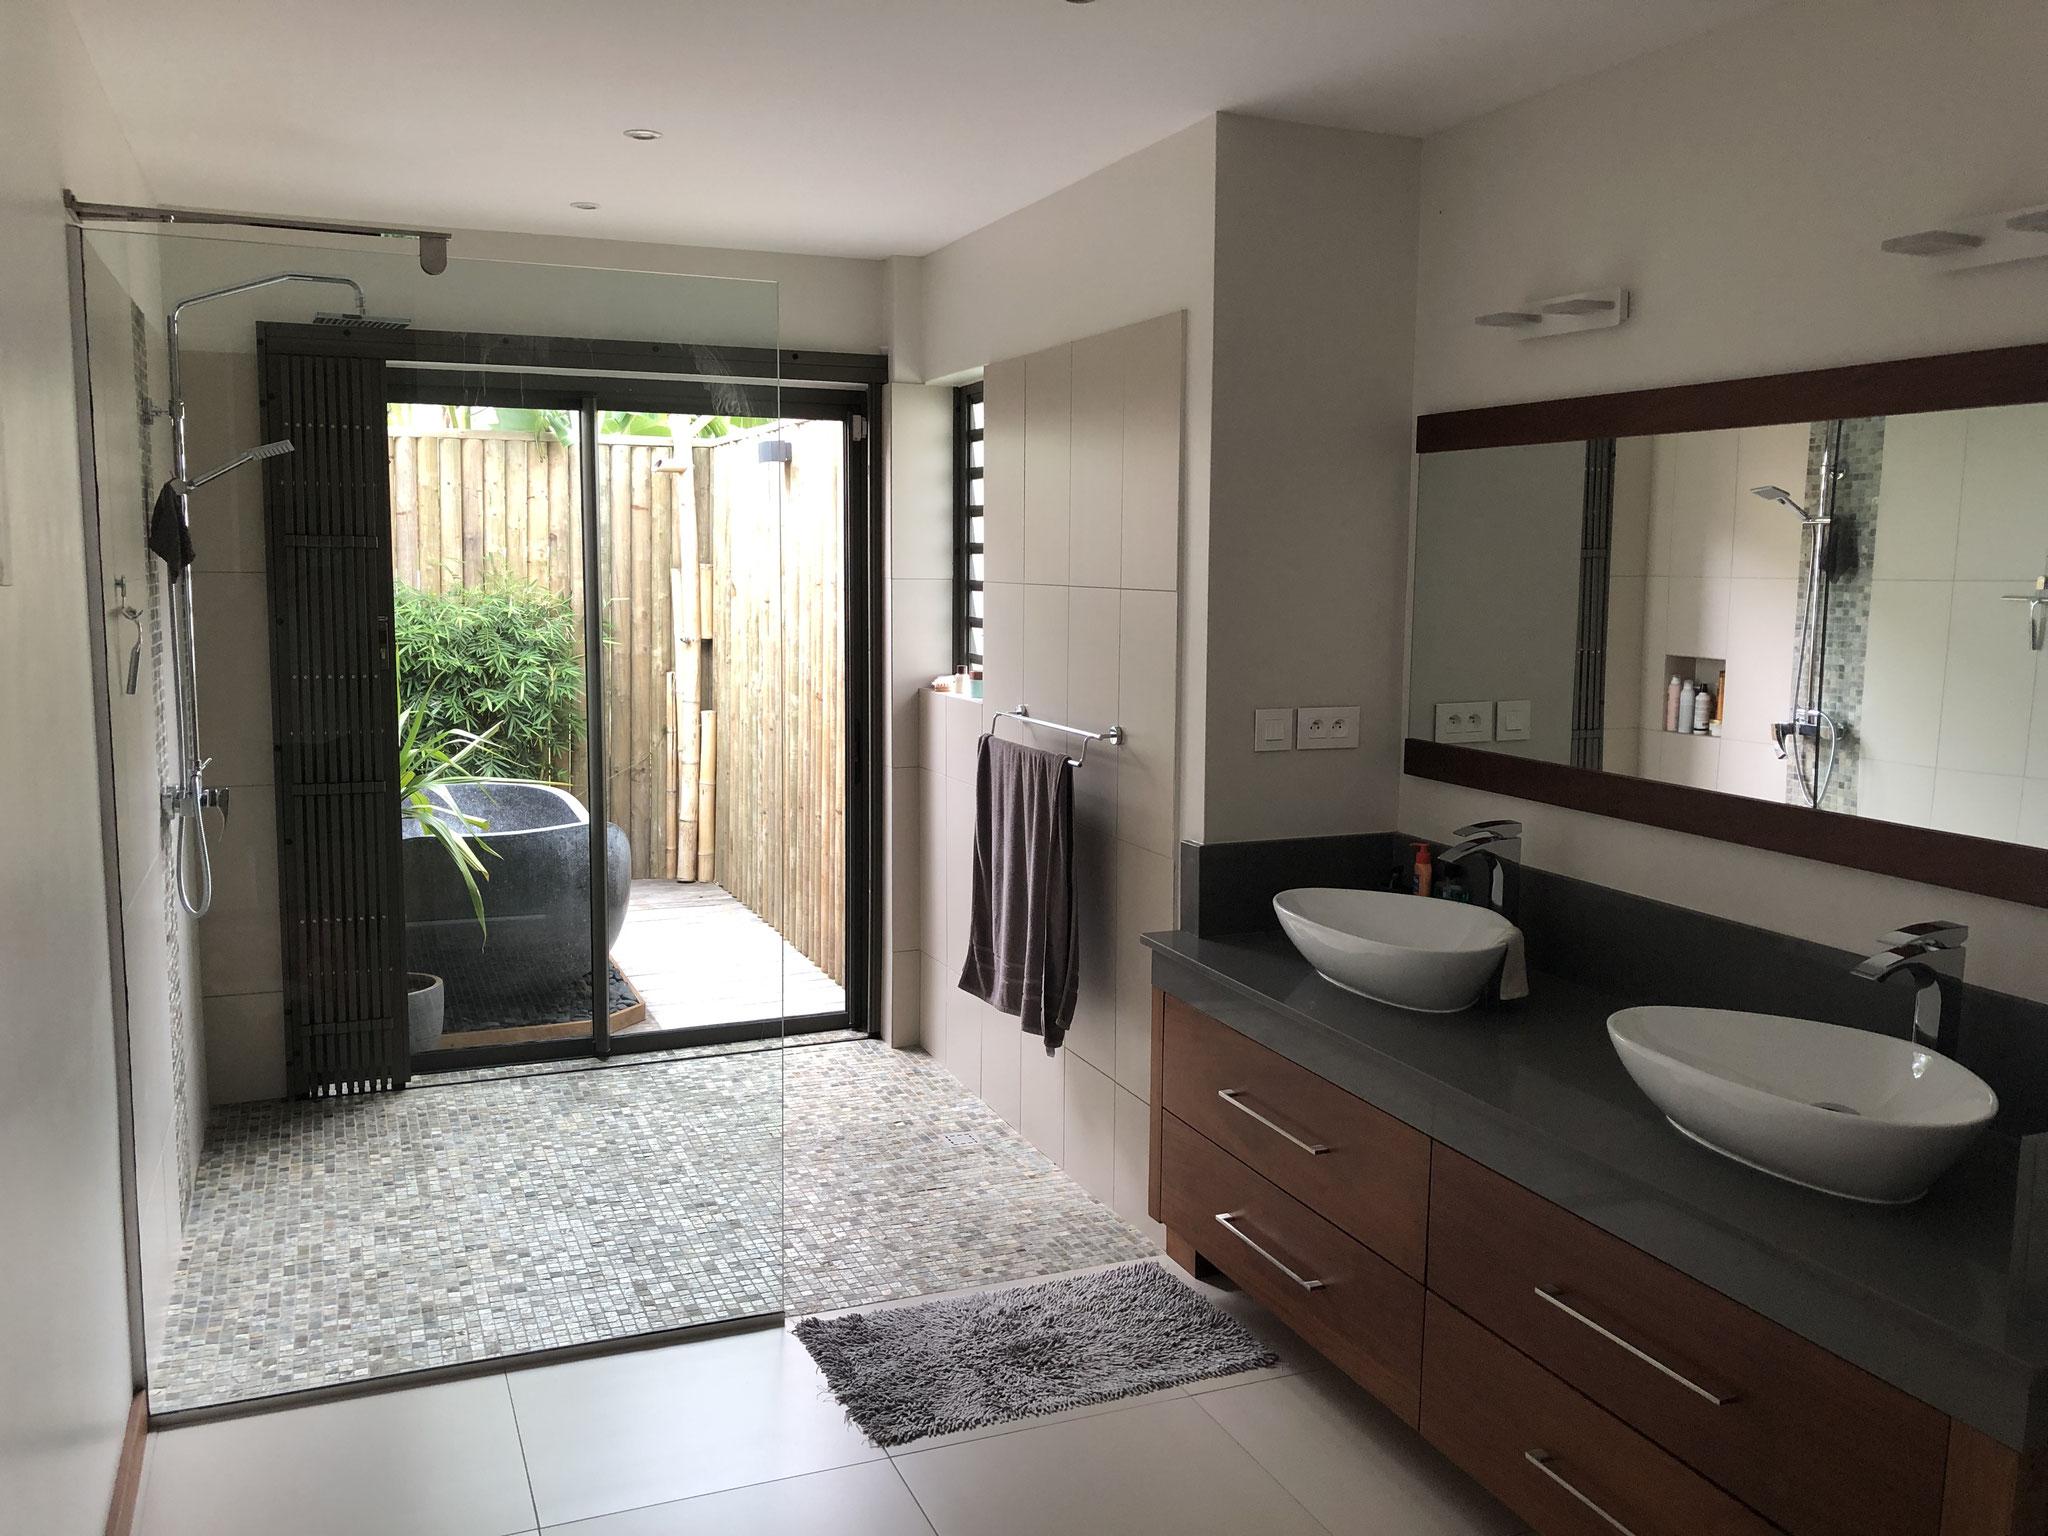 achat et vente, revente villa et propriété haut de gamme à rivière noire ile maurice